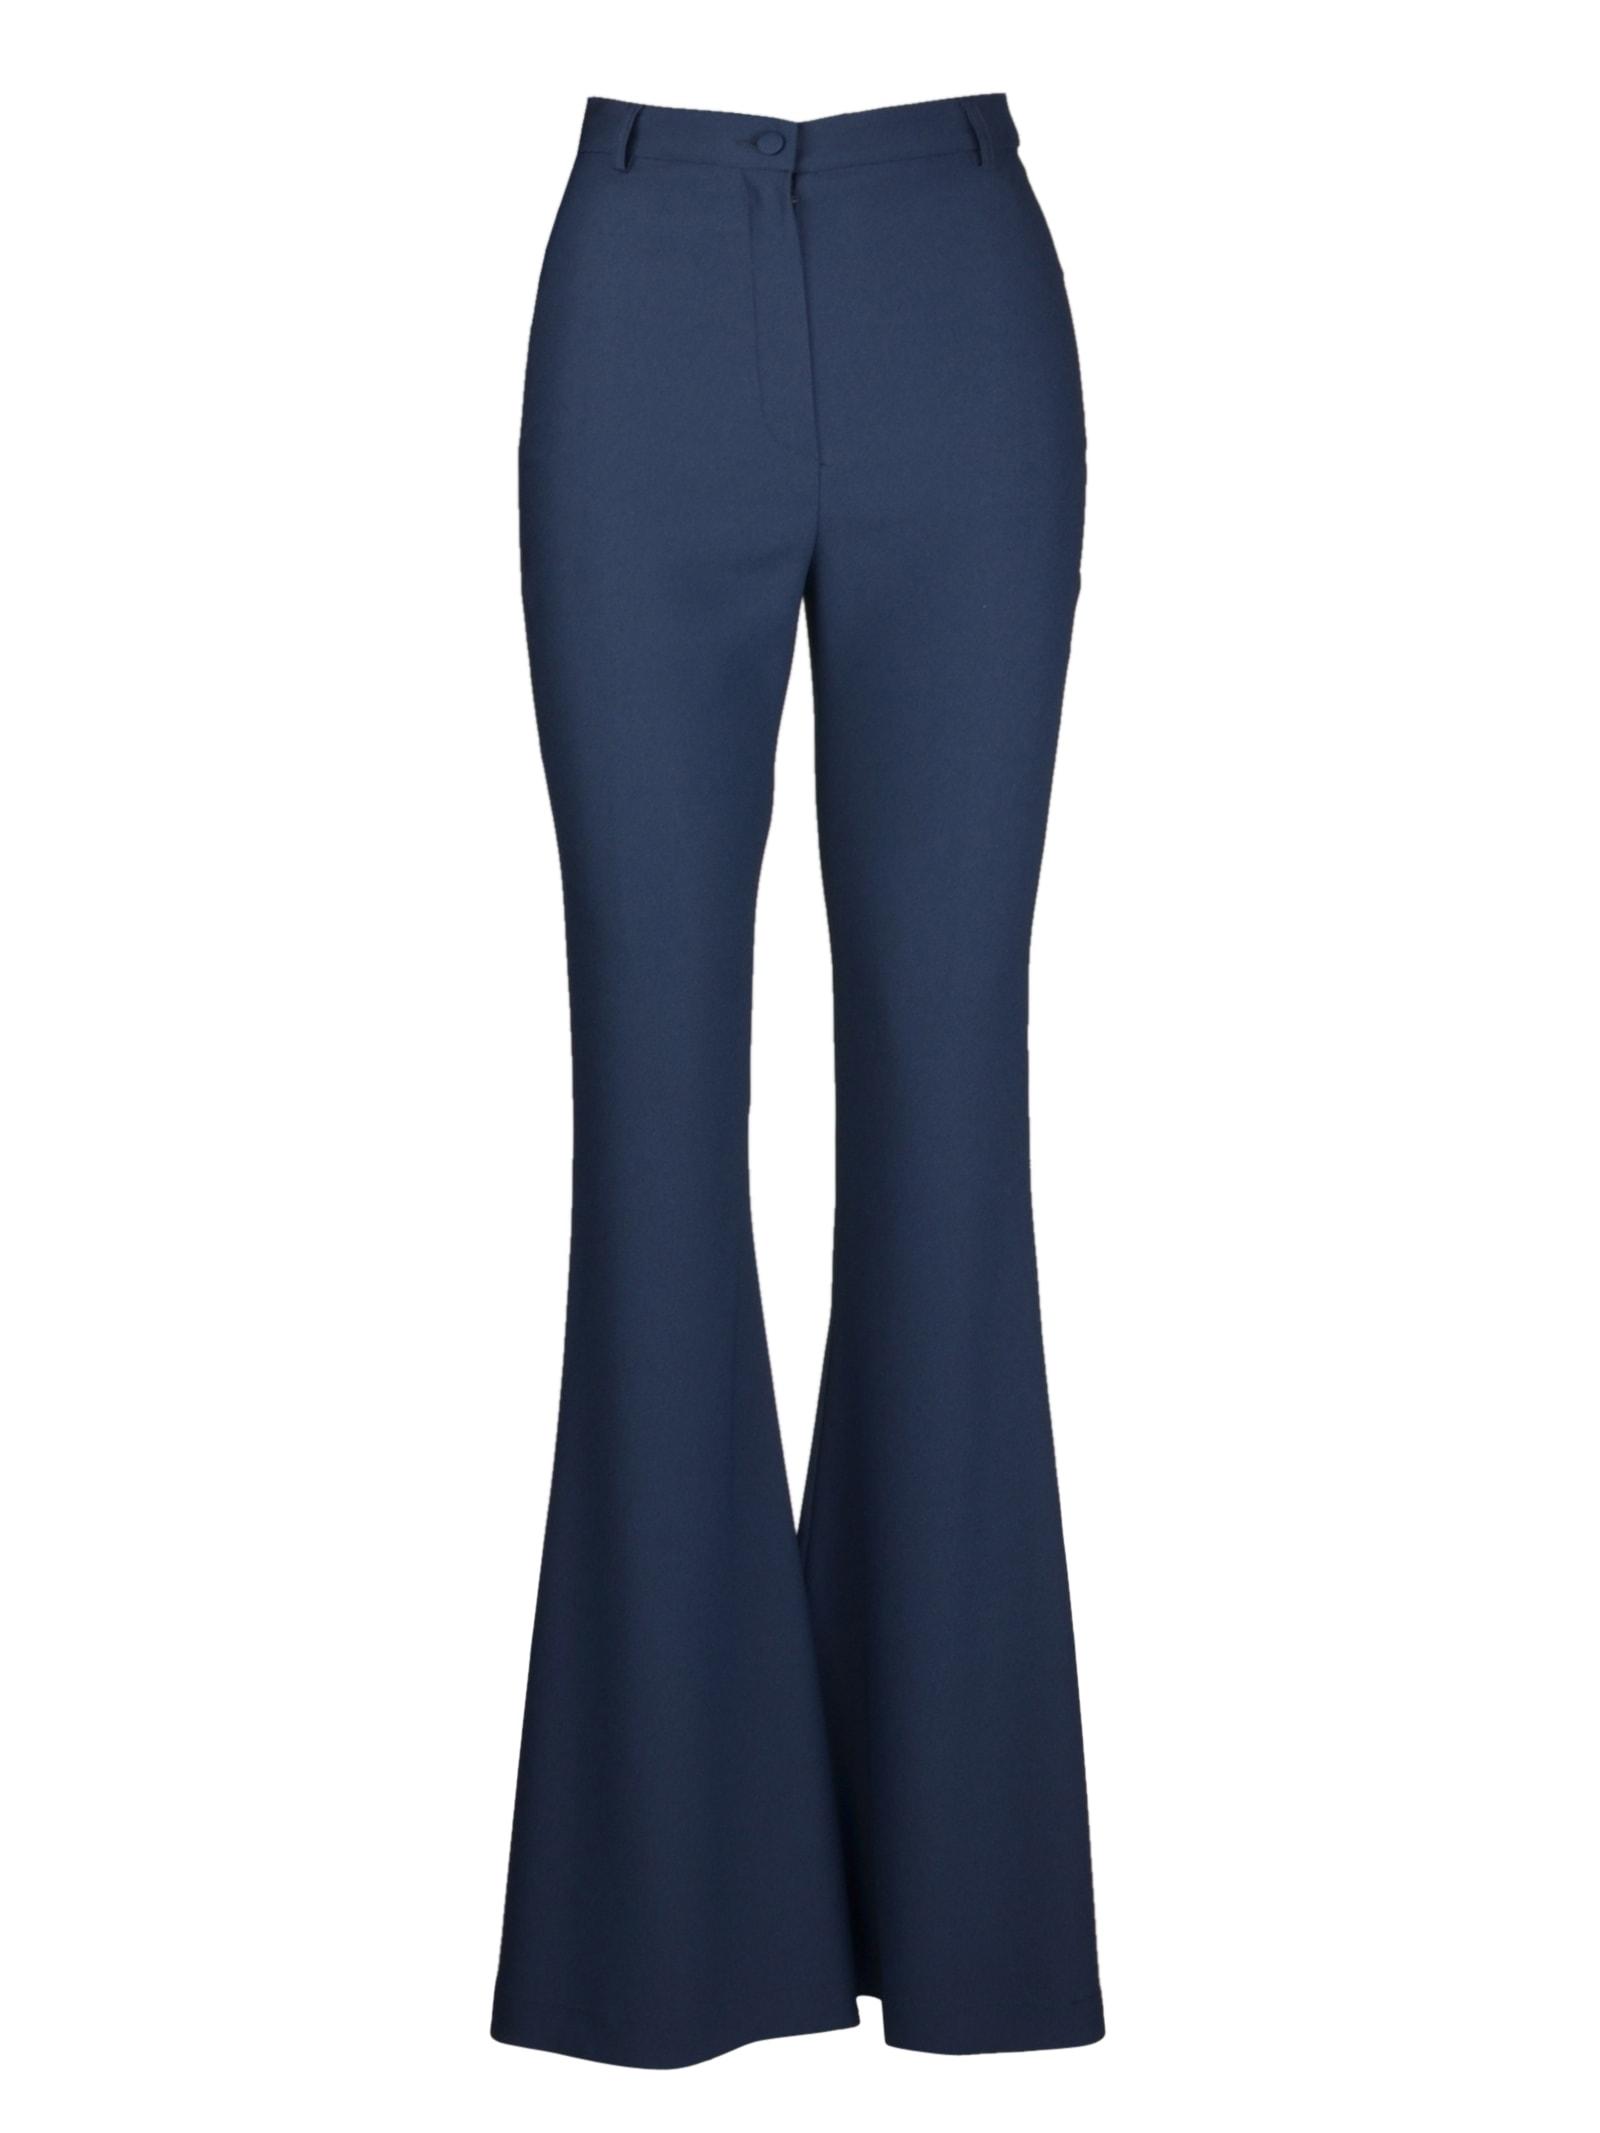 Hebe Studio Trousers